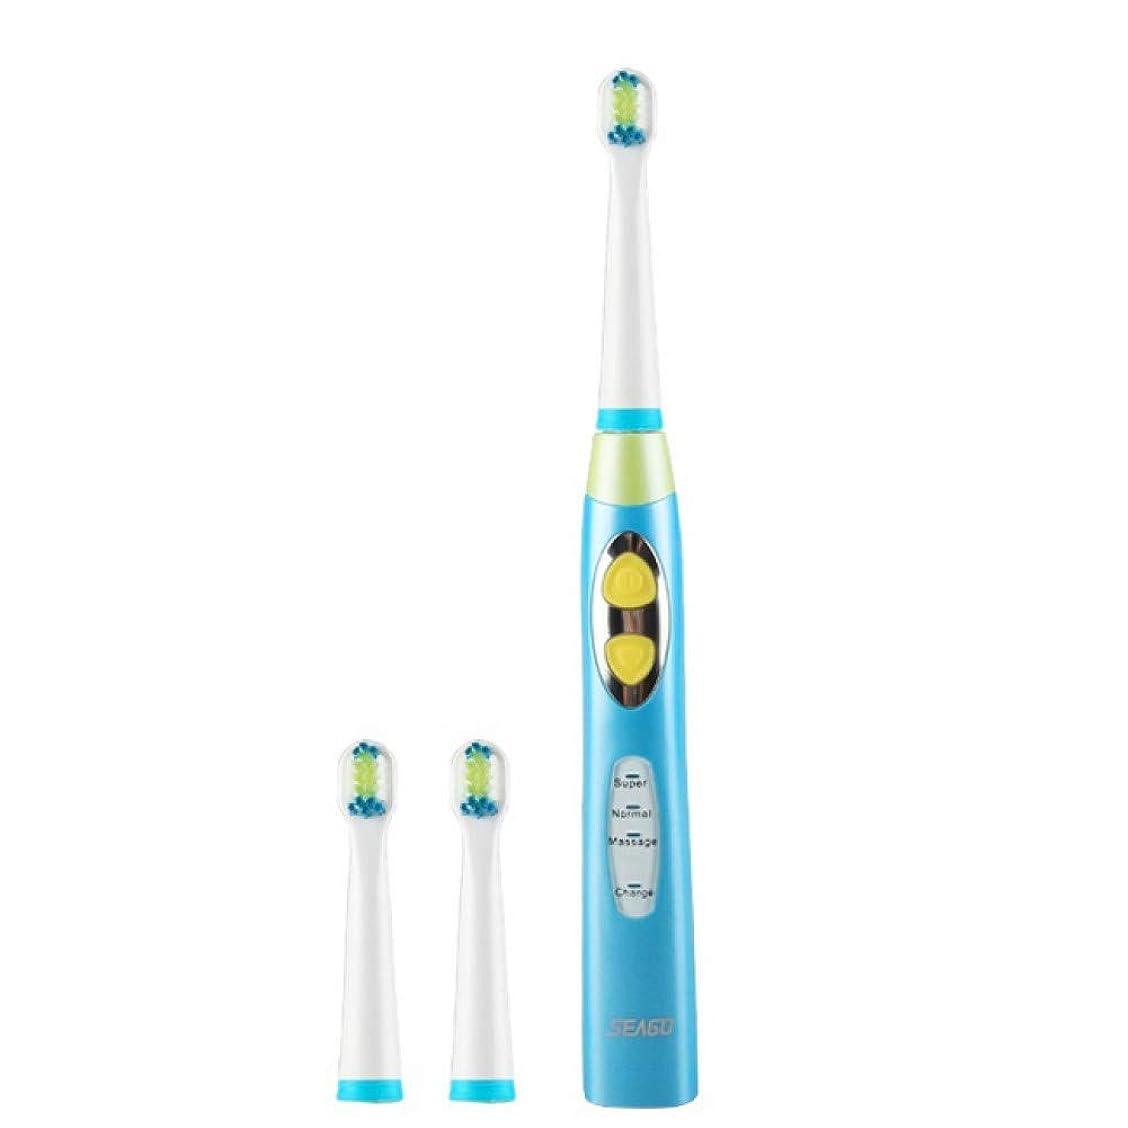 成長フットボールパターン子供電動歯ブラシUsb充電式充電タイマーブラシ3モードソニック歯ブラシ3頭デンタルケア、ブルー